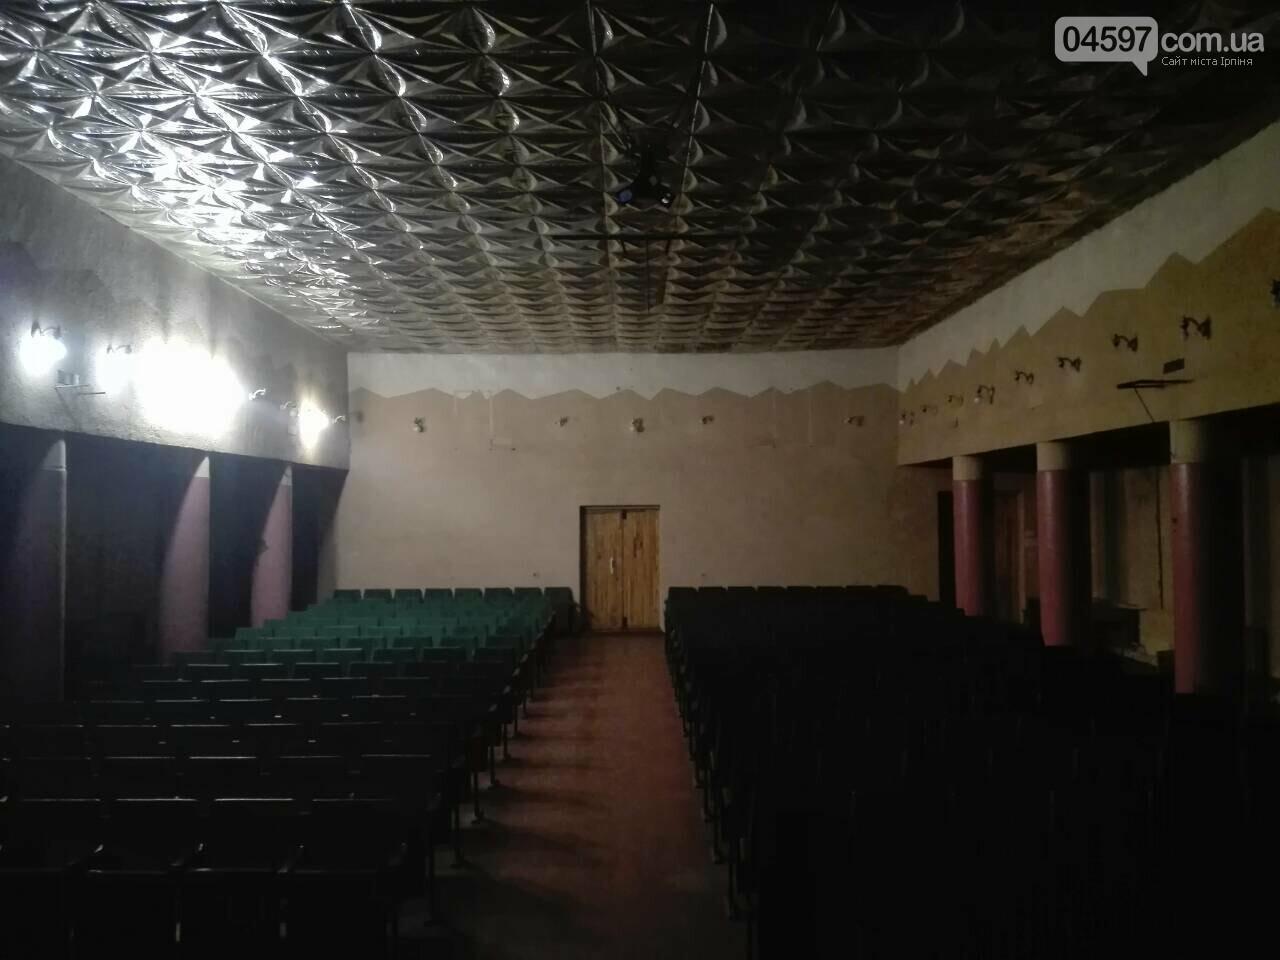 Міський будинок культури ГДК знаходиться в жахливому стані (Фото), фото-15